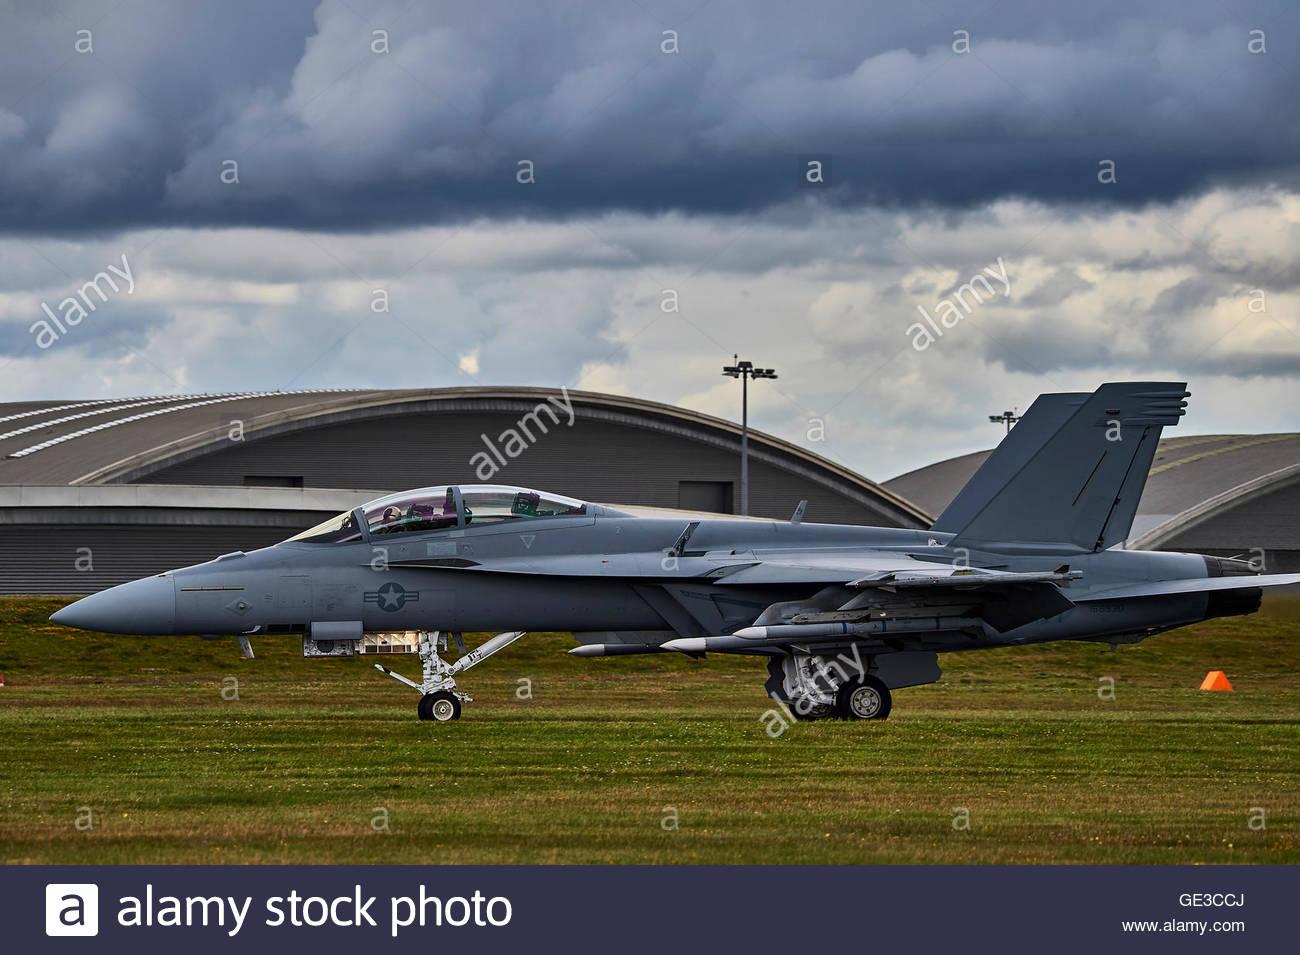 A Boeing F/A-18F Super Hornet at the 2016 Farnborough Air Show Stock Photo